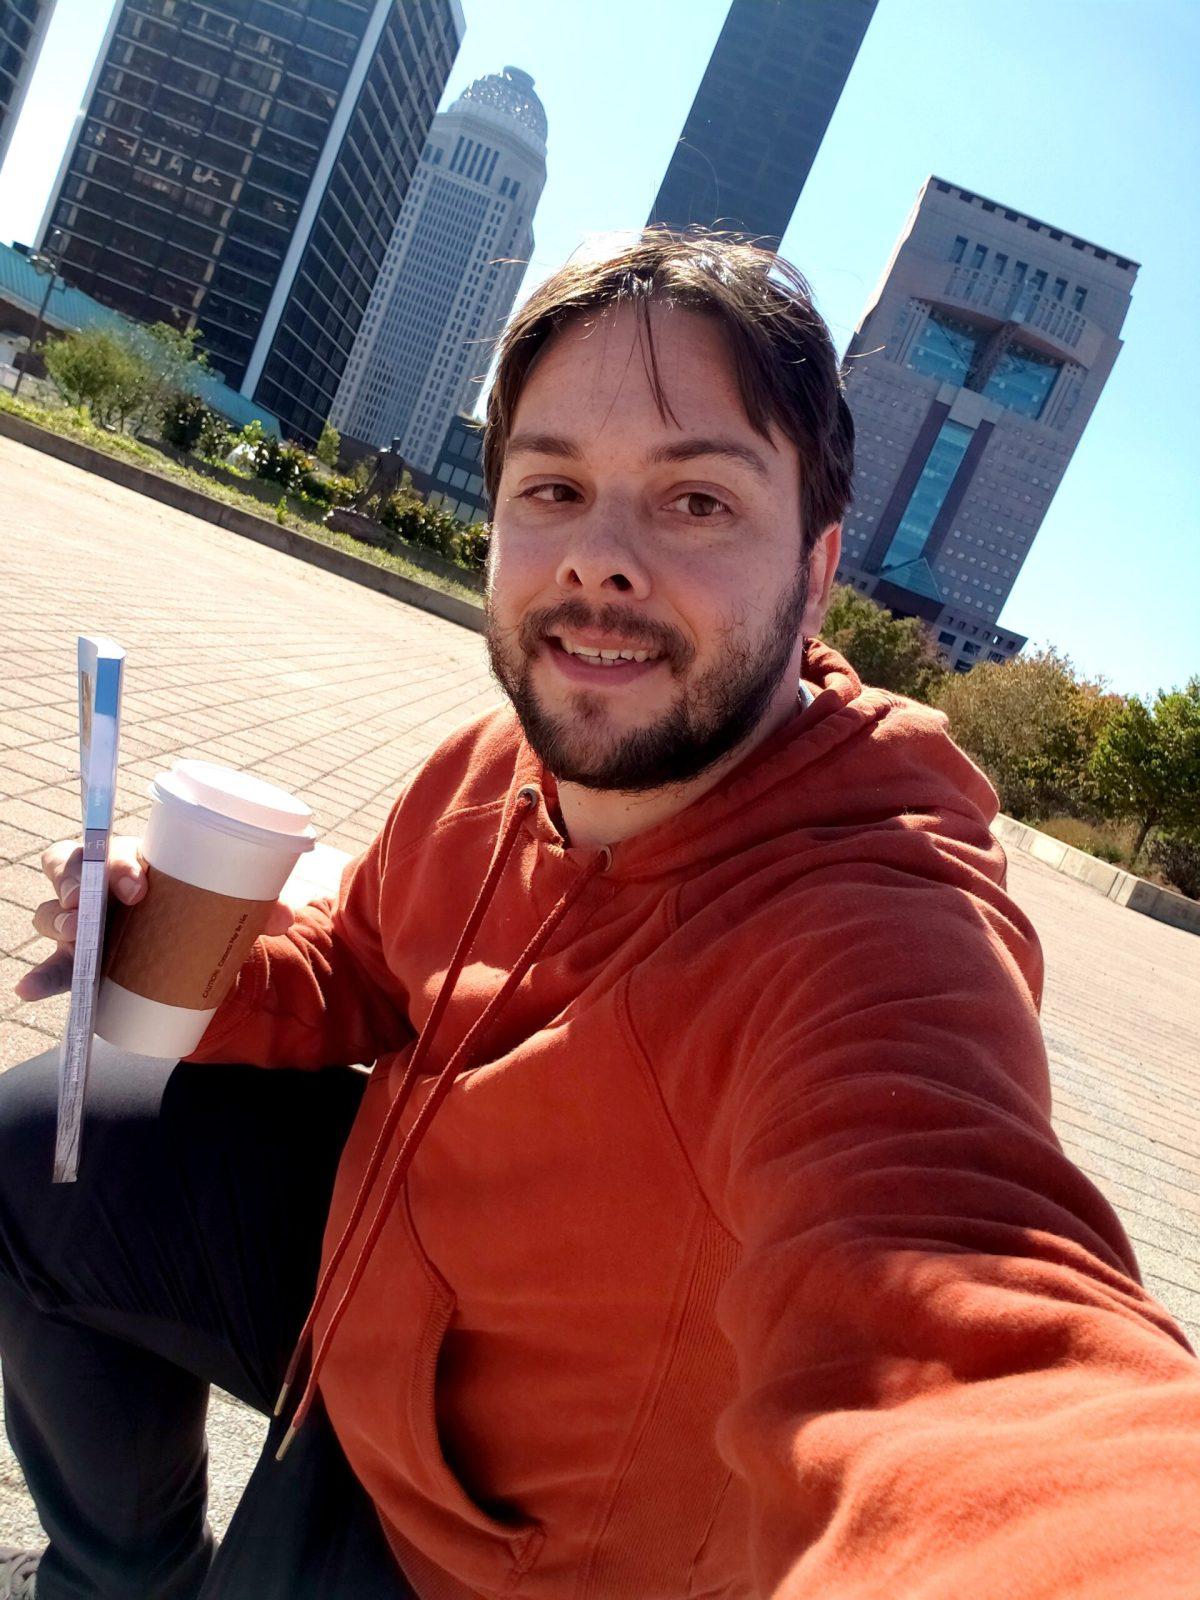 Eric Shay Howard selfie